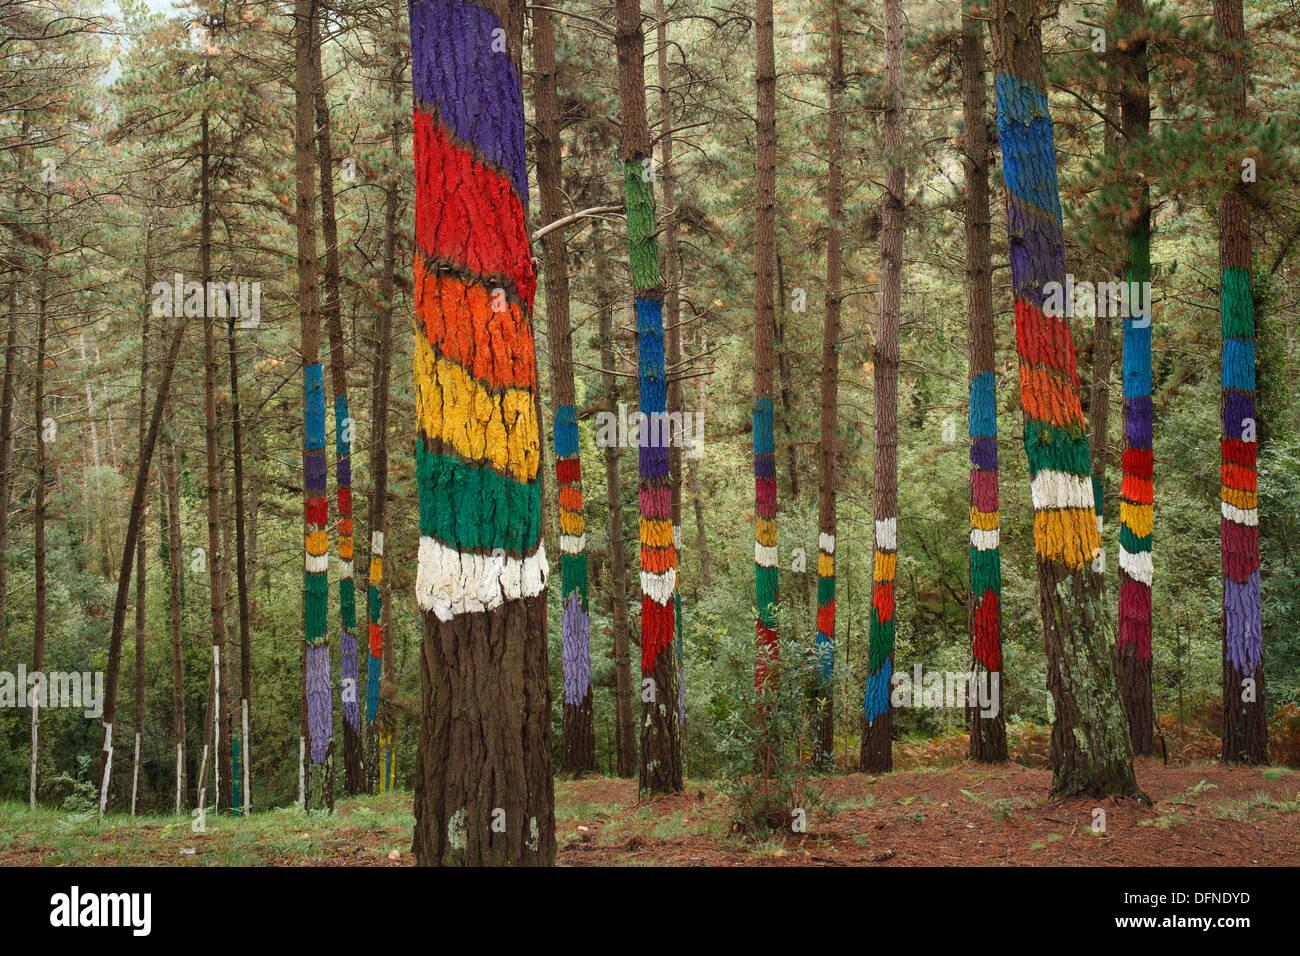 Pintado De Los Troncos De Los árboles, El Bosque Pintado